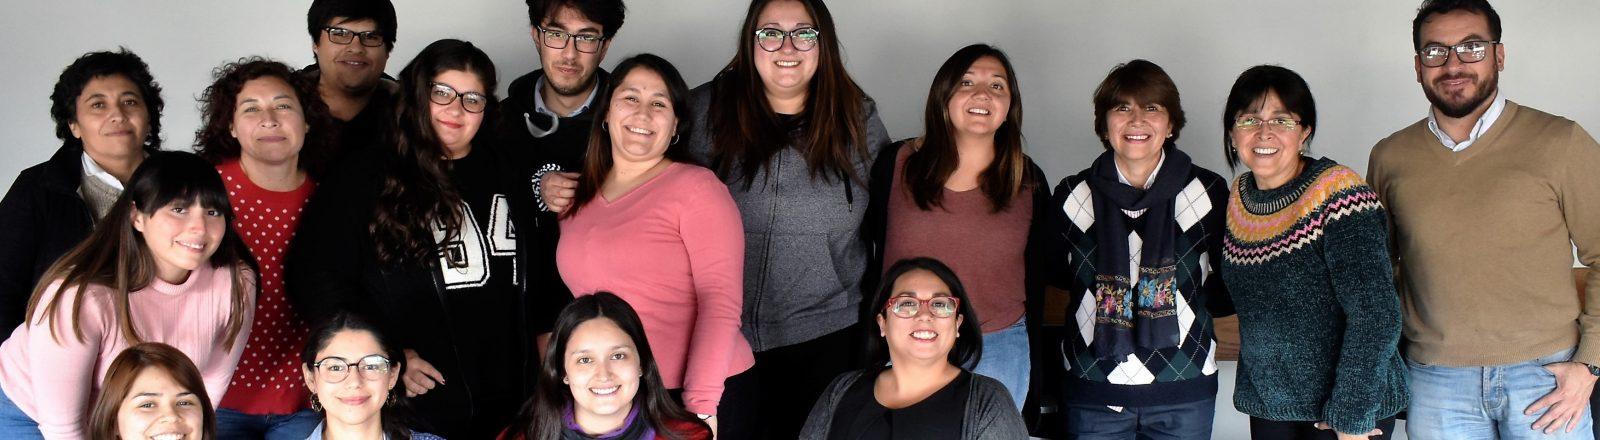 Profesores jefes comparten sus experiencias con estudiantes de quinto año de pedagogía en Lengua Castellana y Comunicación